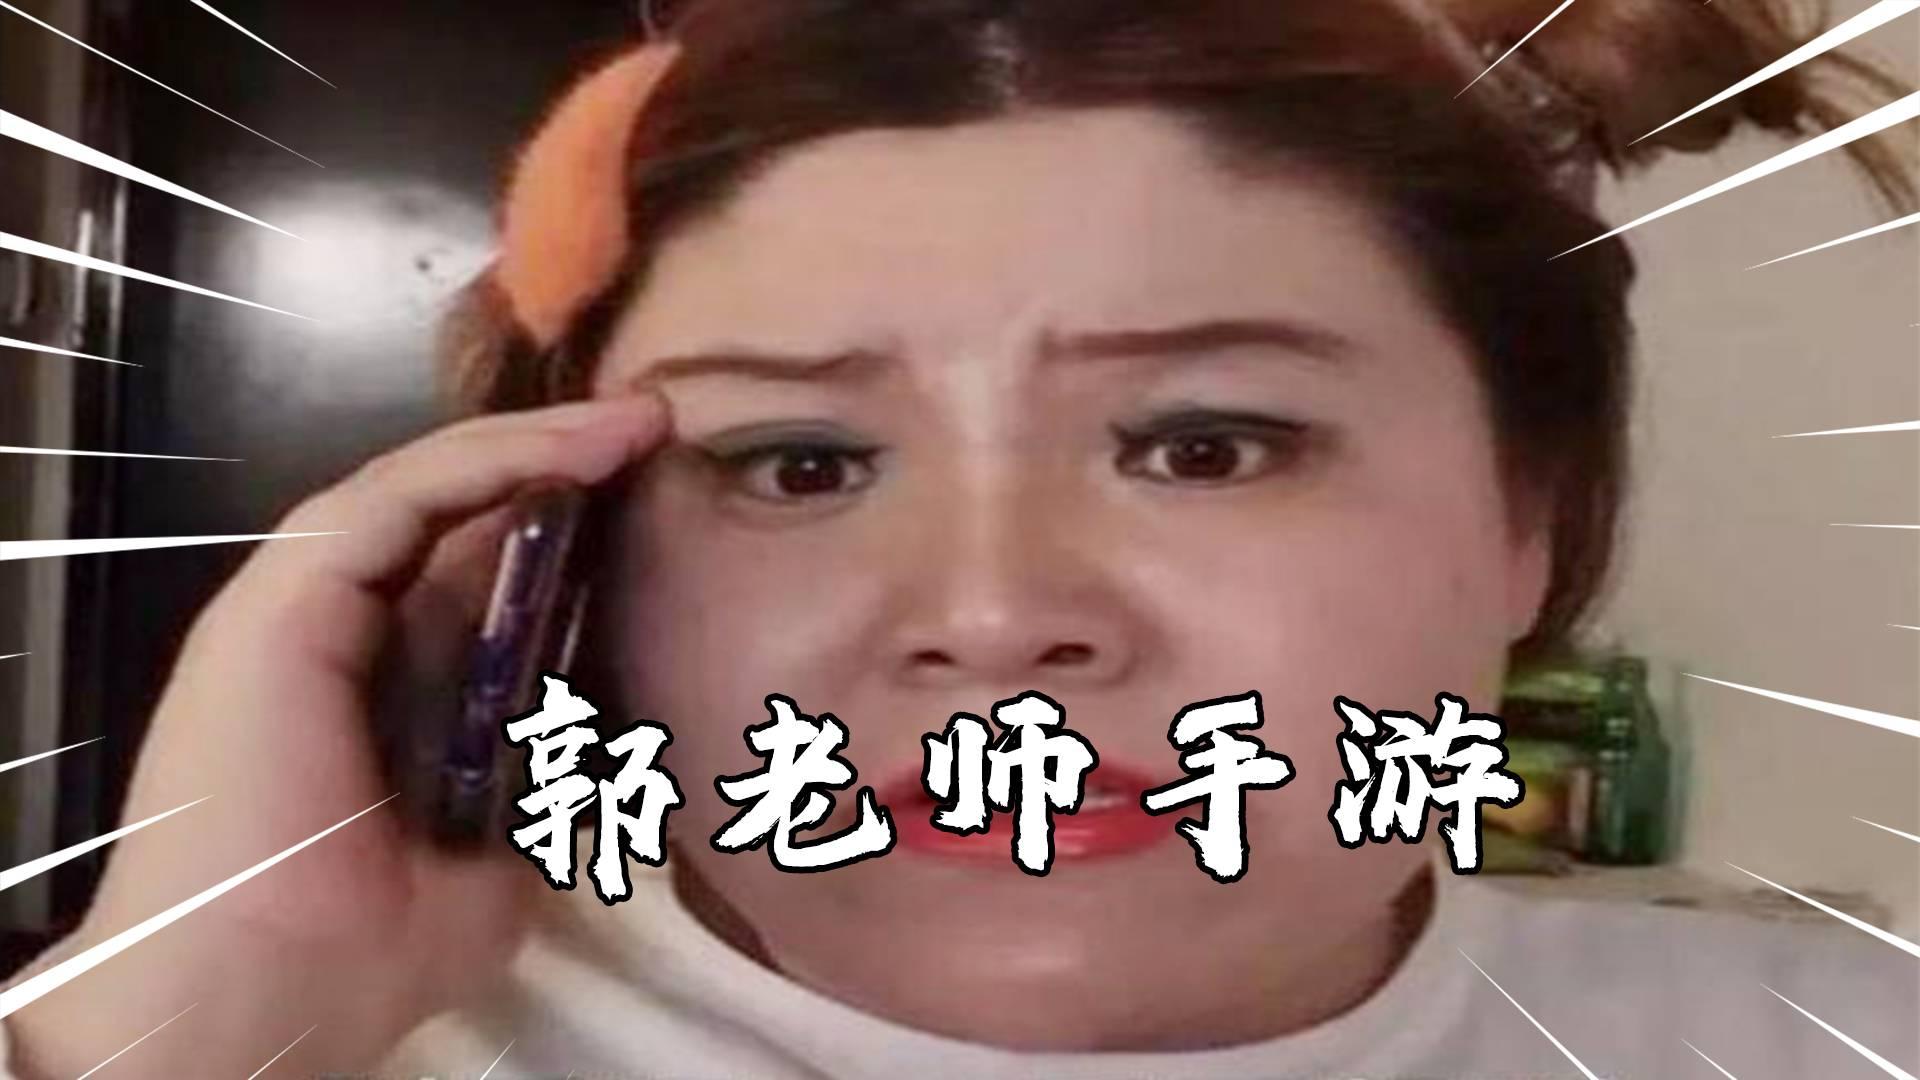 【试毒时间】百万粉丝郭老师,被恶搞成游戏,郭老师捞水果!